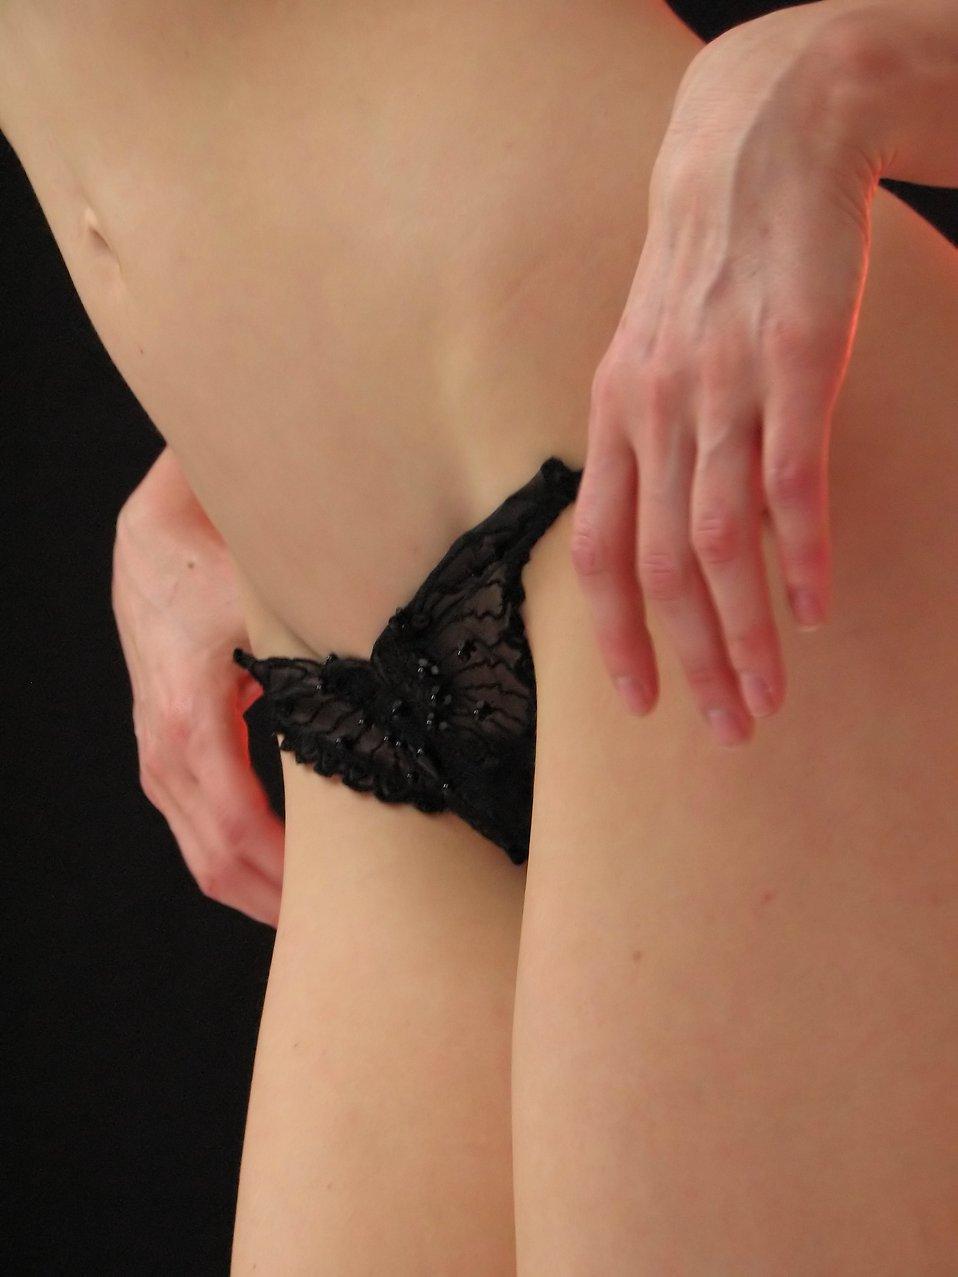 Closeup lingerie pics